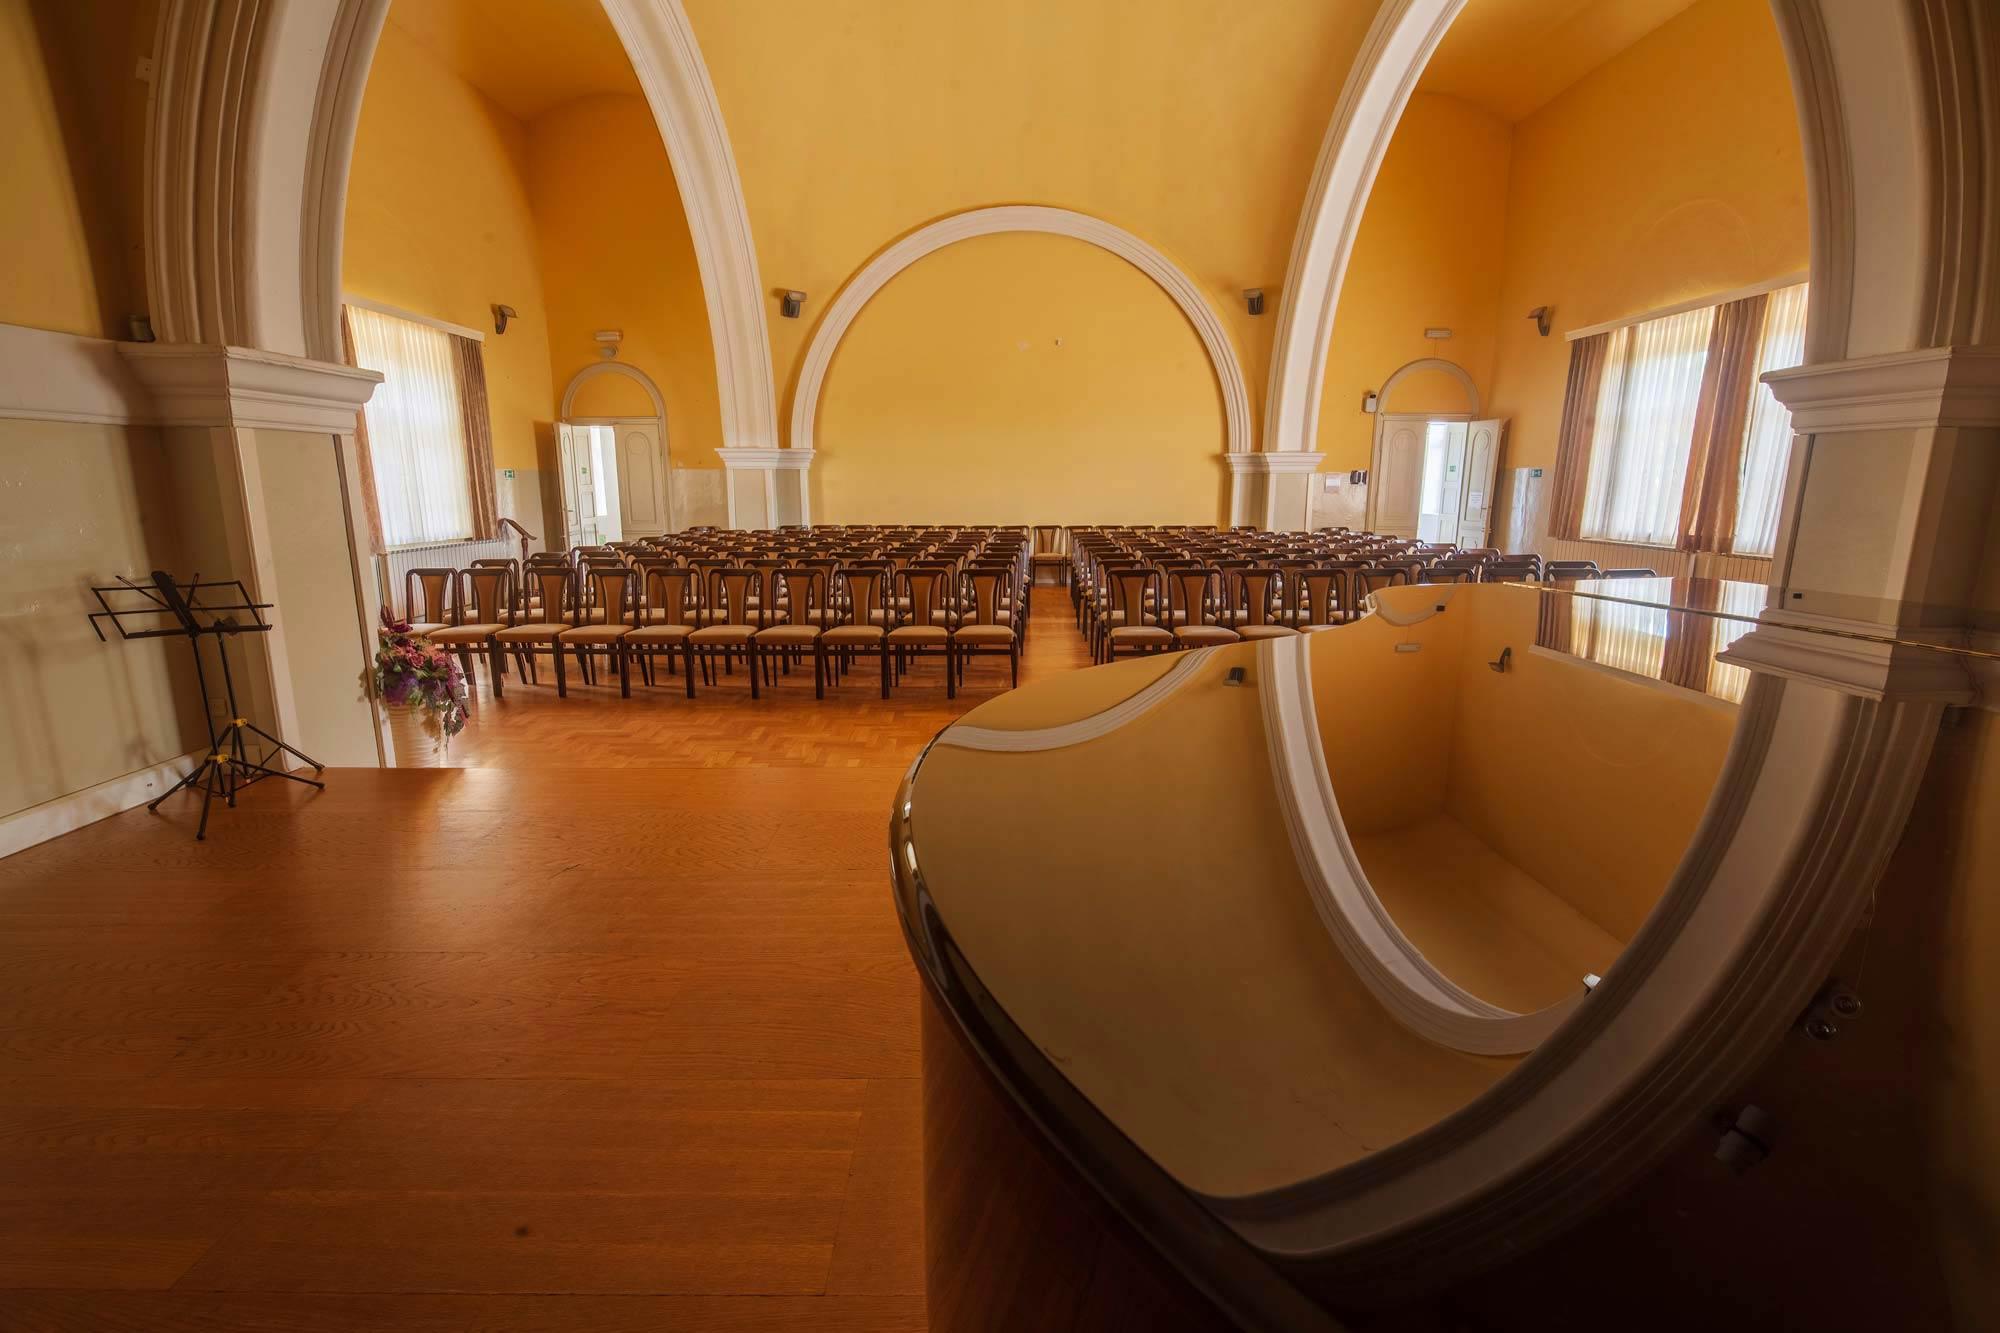 Glazbena škola Frana Lhotke Koncertna dvorana bina